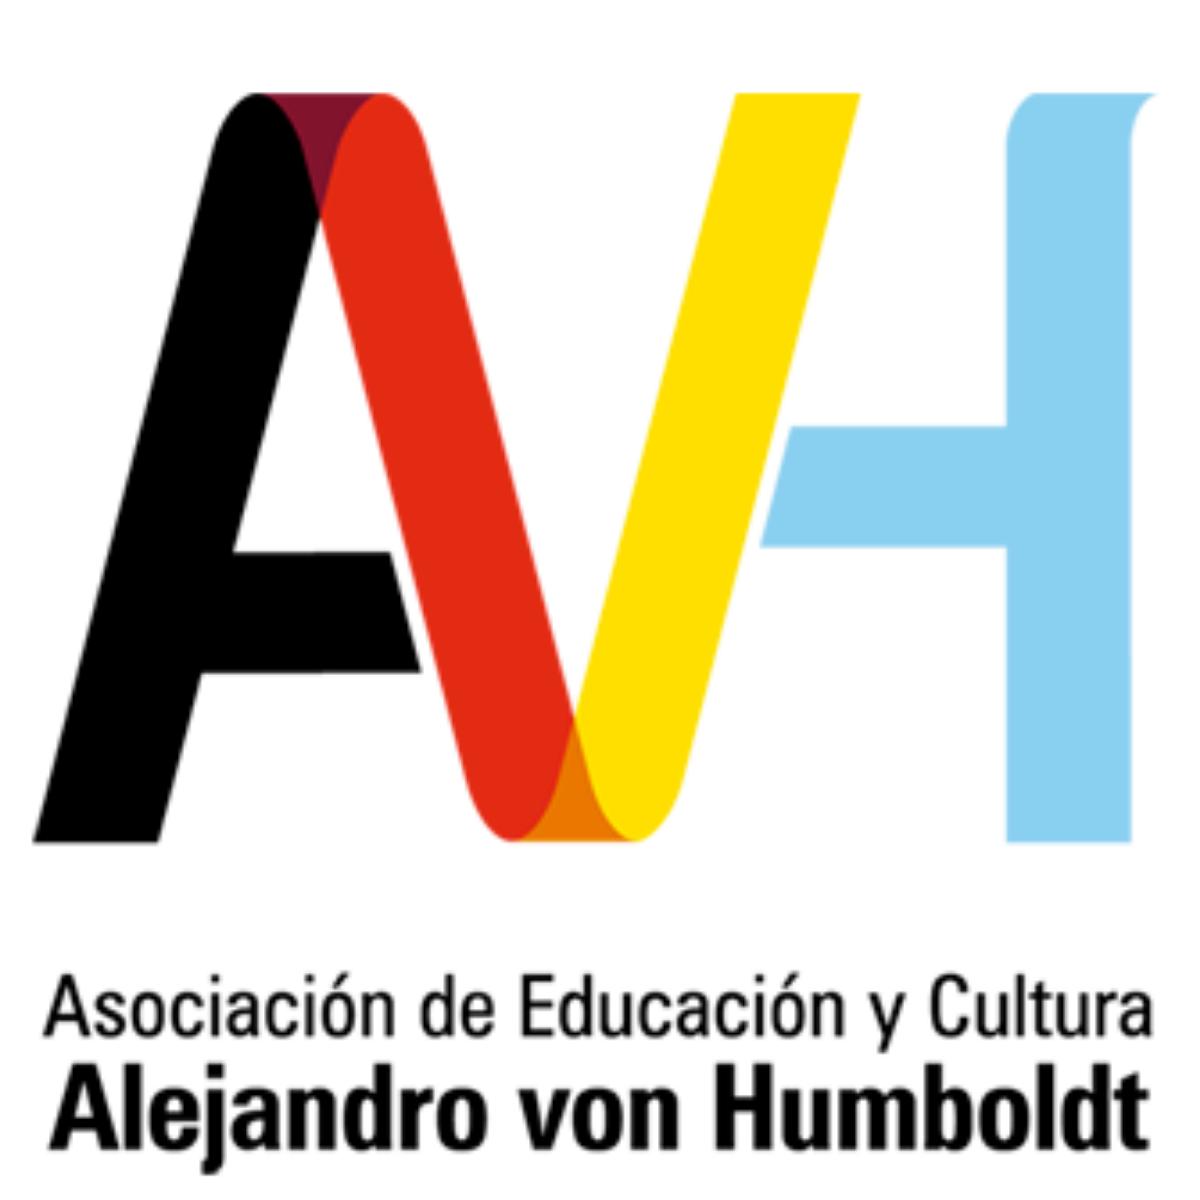 logo_Asociación de Educación y Cultura Alejandro Von Humboldt